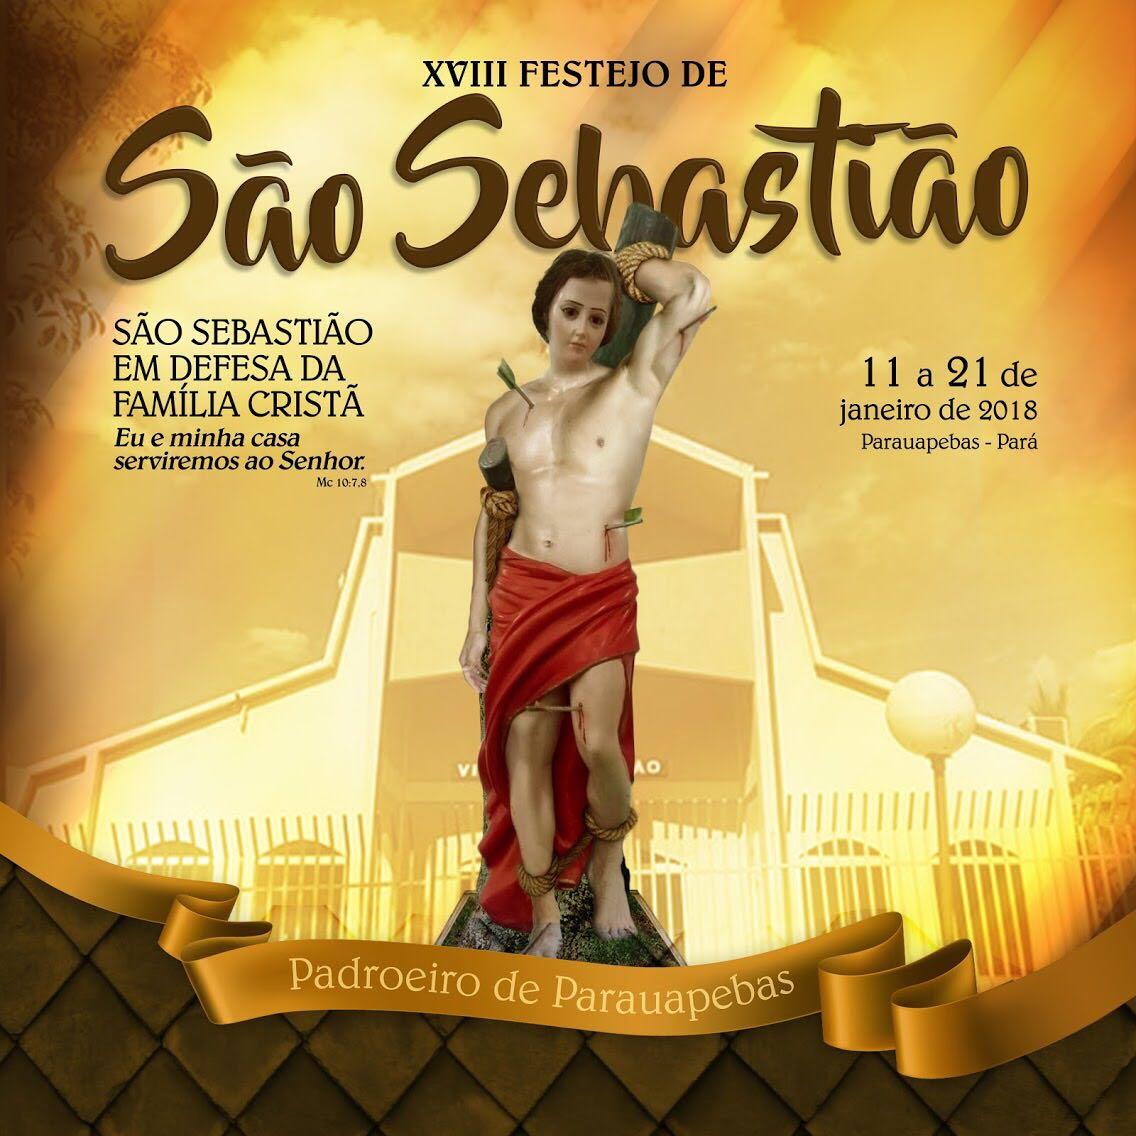 Em Parauapebas, igreja católica divulga a programação do 18º Festejo de São Sebastião